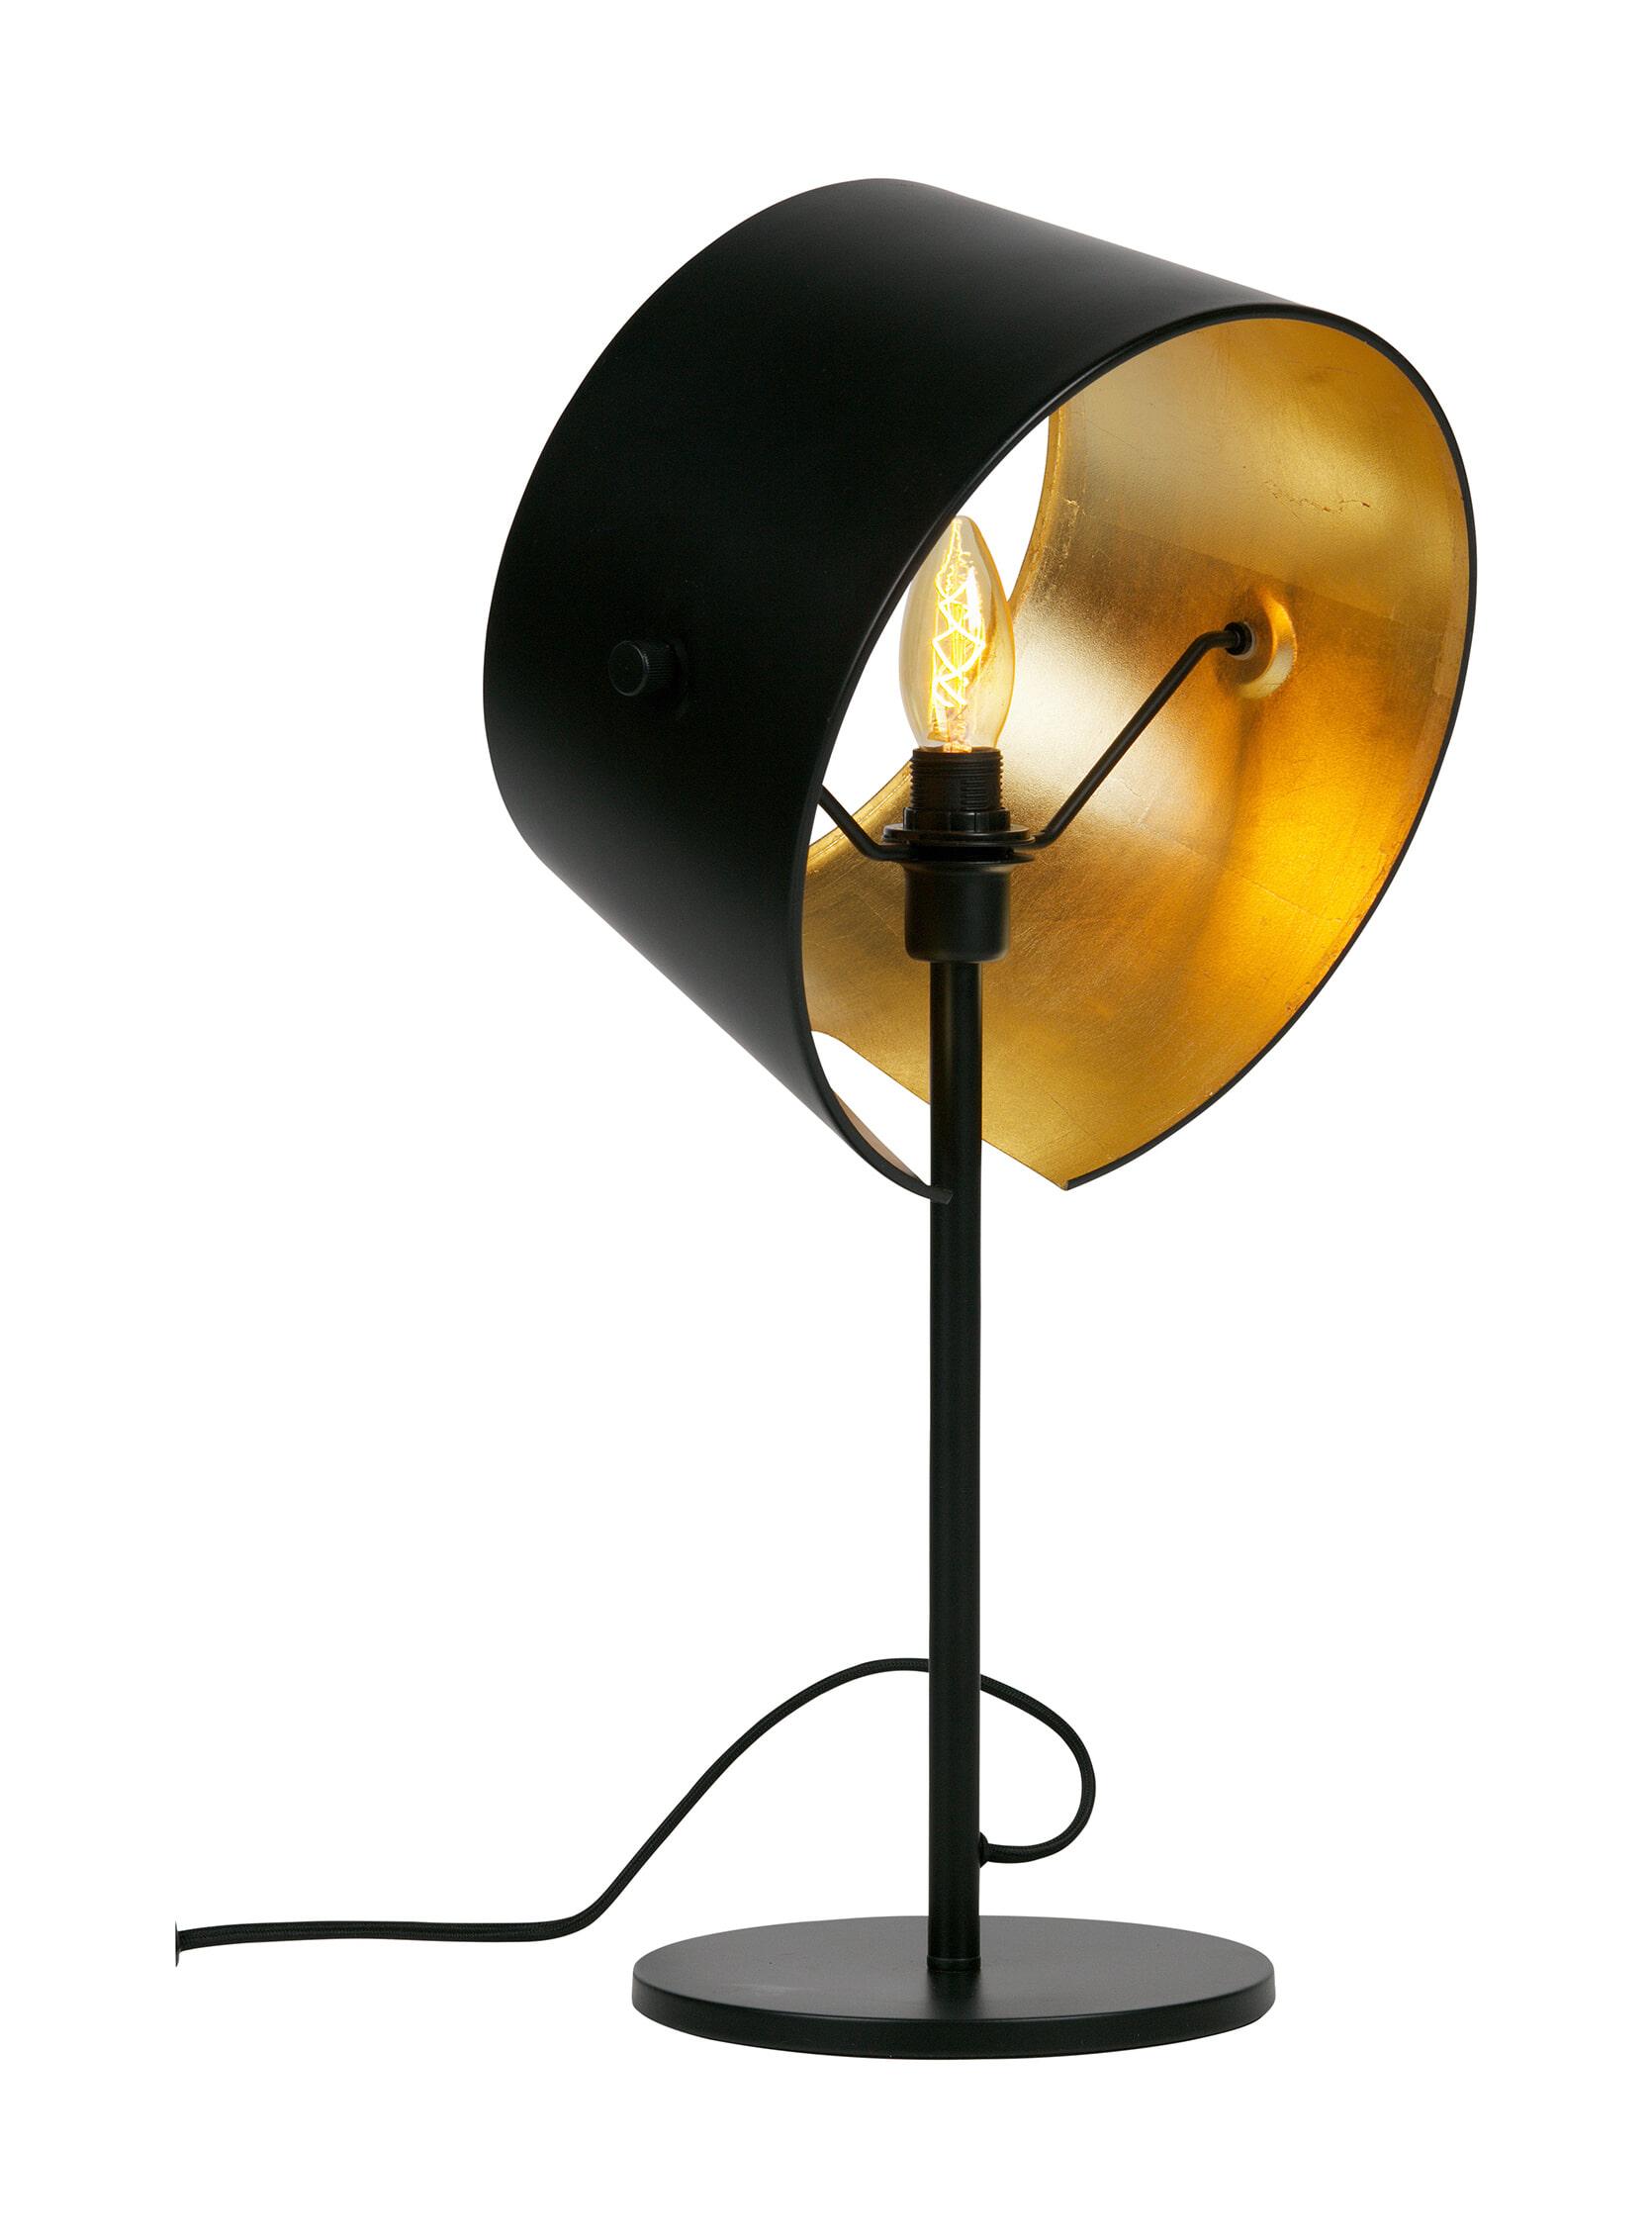 WOOOD Tafellamp 'Pien', kleur Zwart Metaal aanschaffen? Kijk hier!